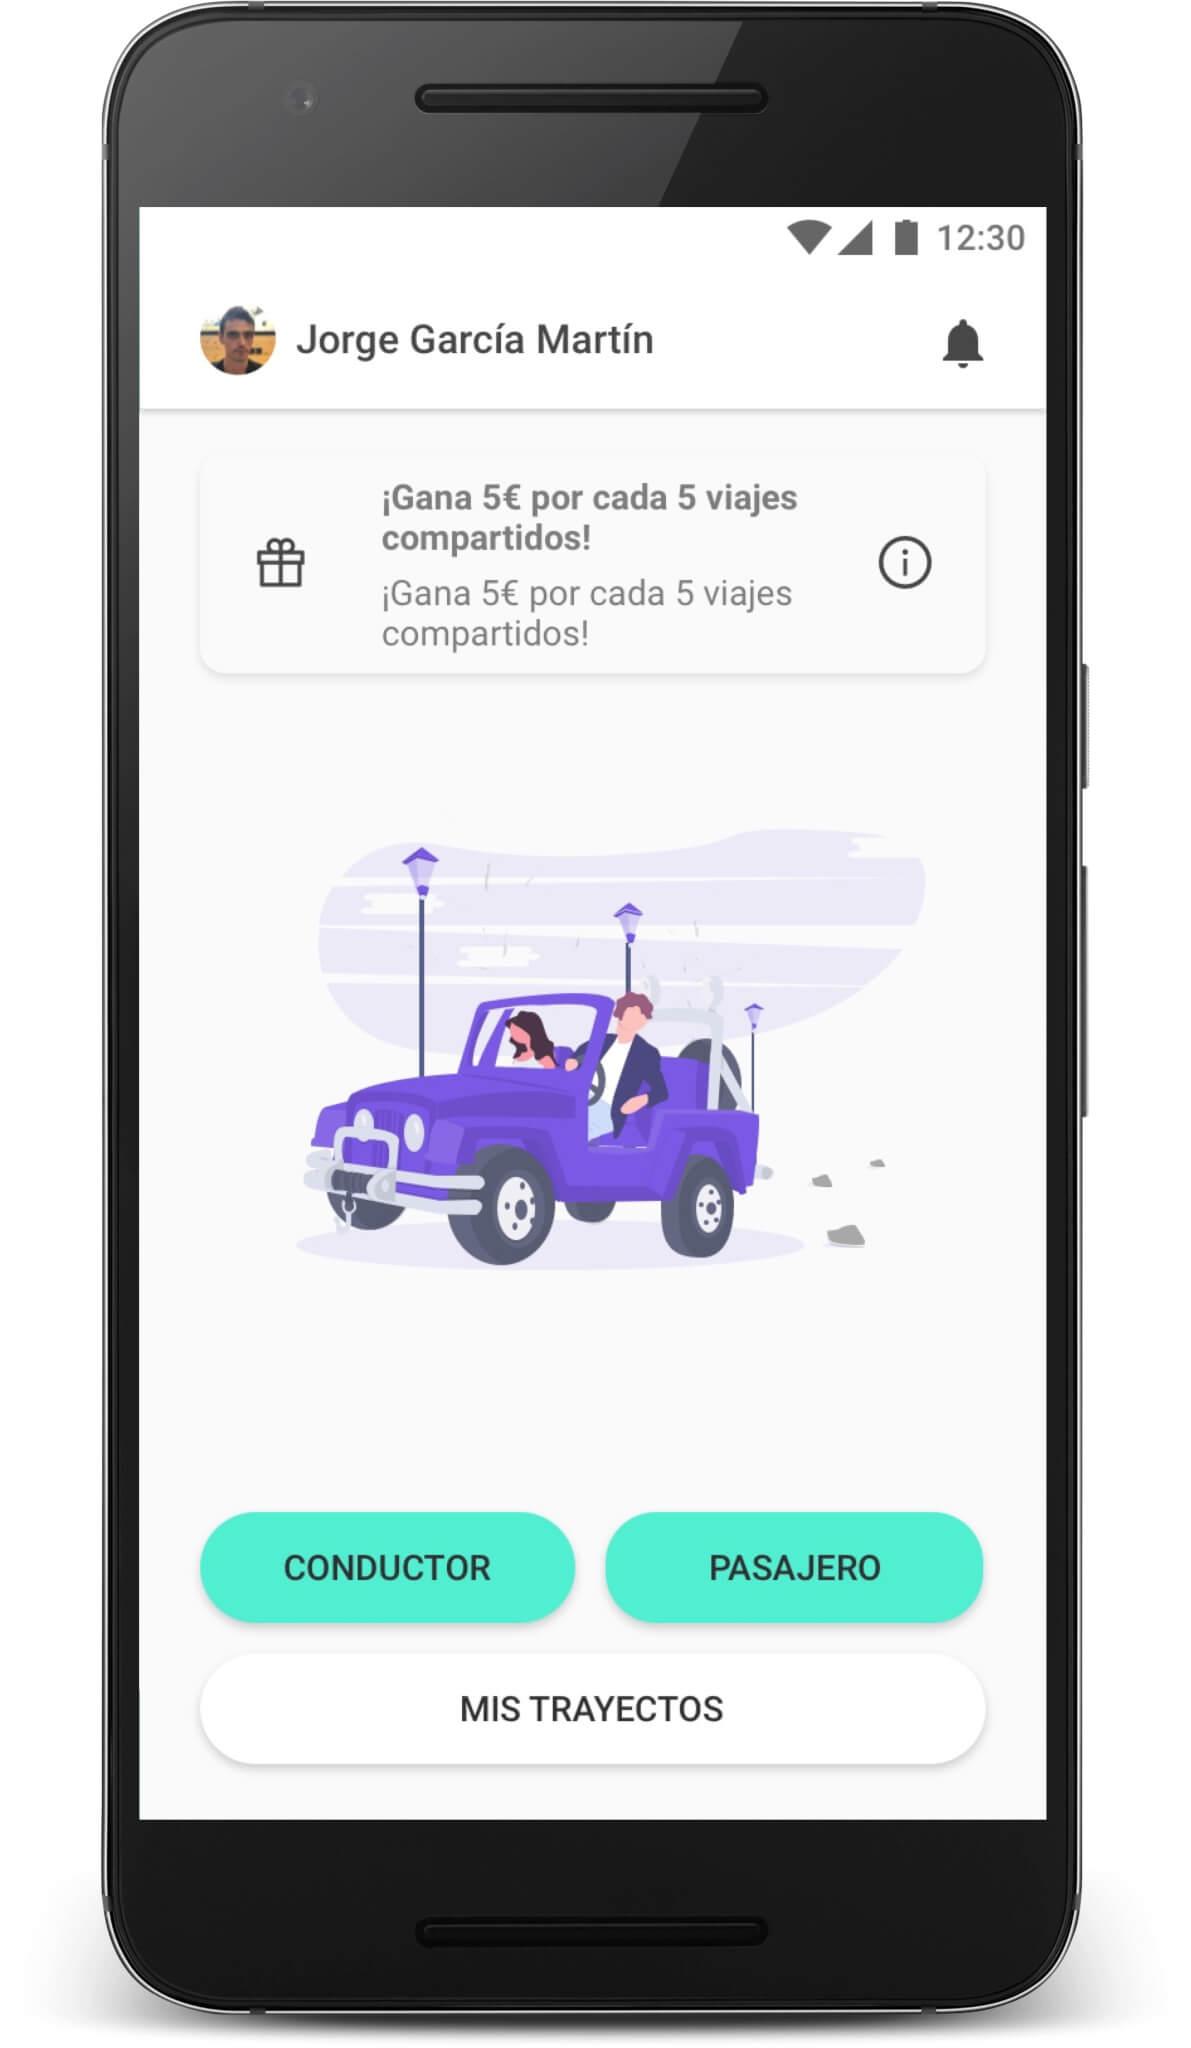 Captura pantalla aplicación compartir coche